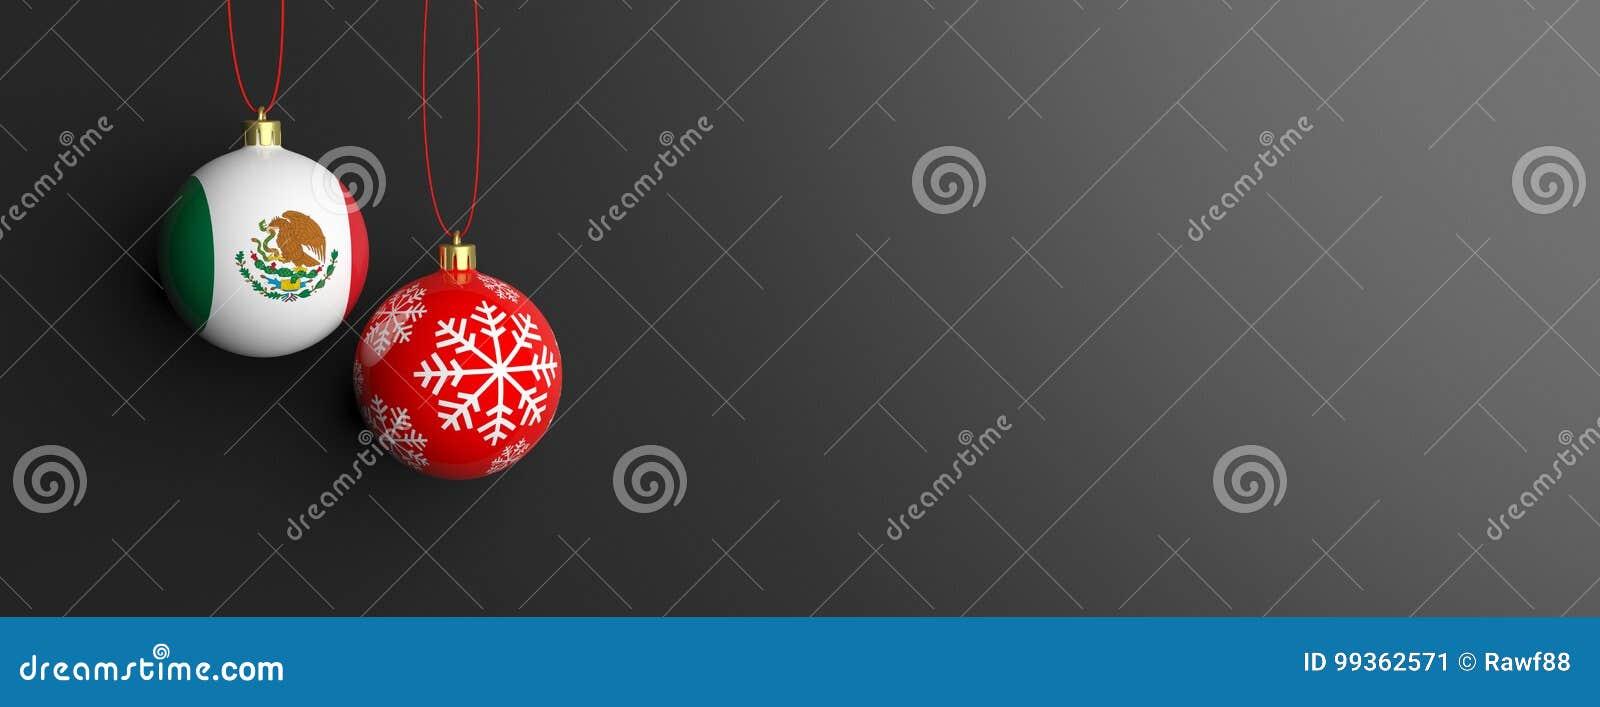 Drapeau du Mexique sur une boule de Noël, fond noir illustration 3D